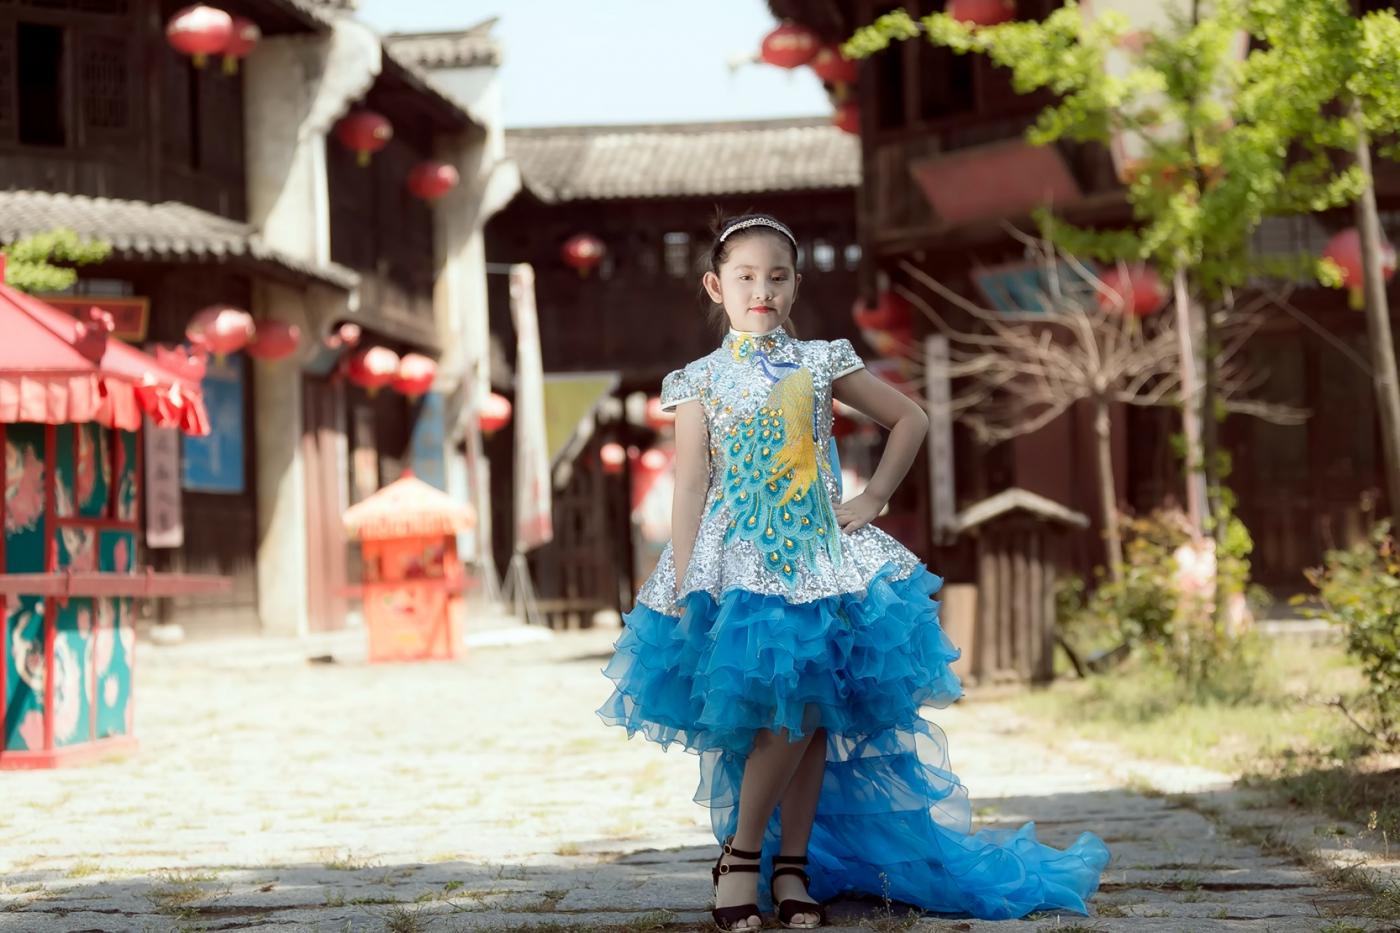 沂蒙娃娃穿上礼服走上show台 有个女孩特别萌 礼仪就要从娃娃抓起 ..._图1-16